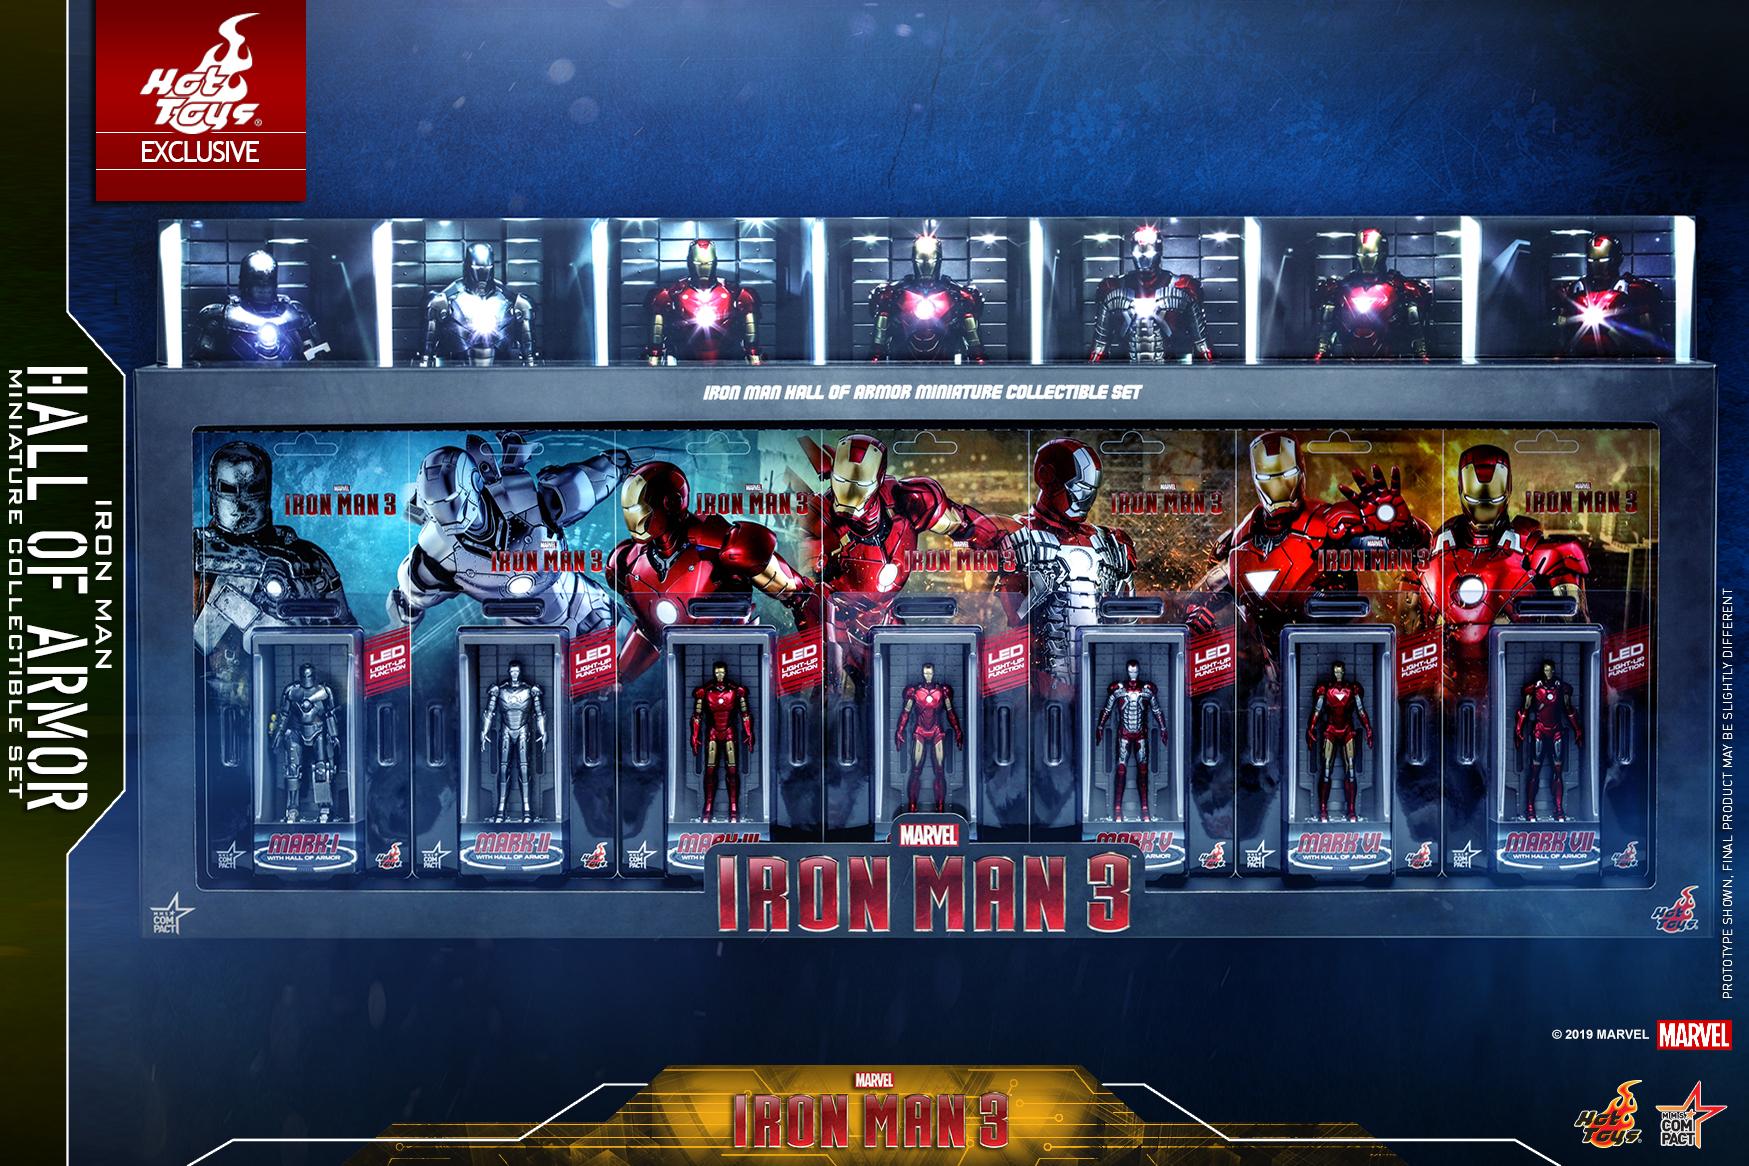 《鐵甲奇俠3》鐵甲奇俠裝甲格納庫迷你珍藏品套裝 @ Fas...